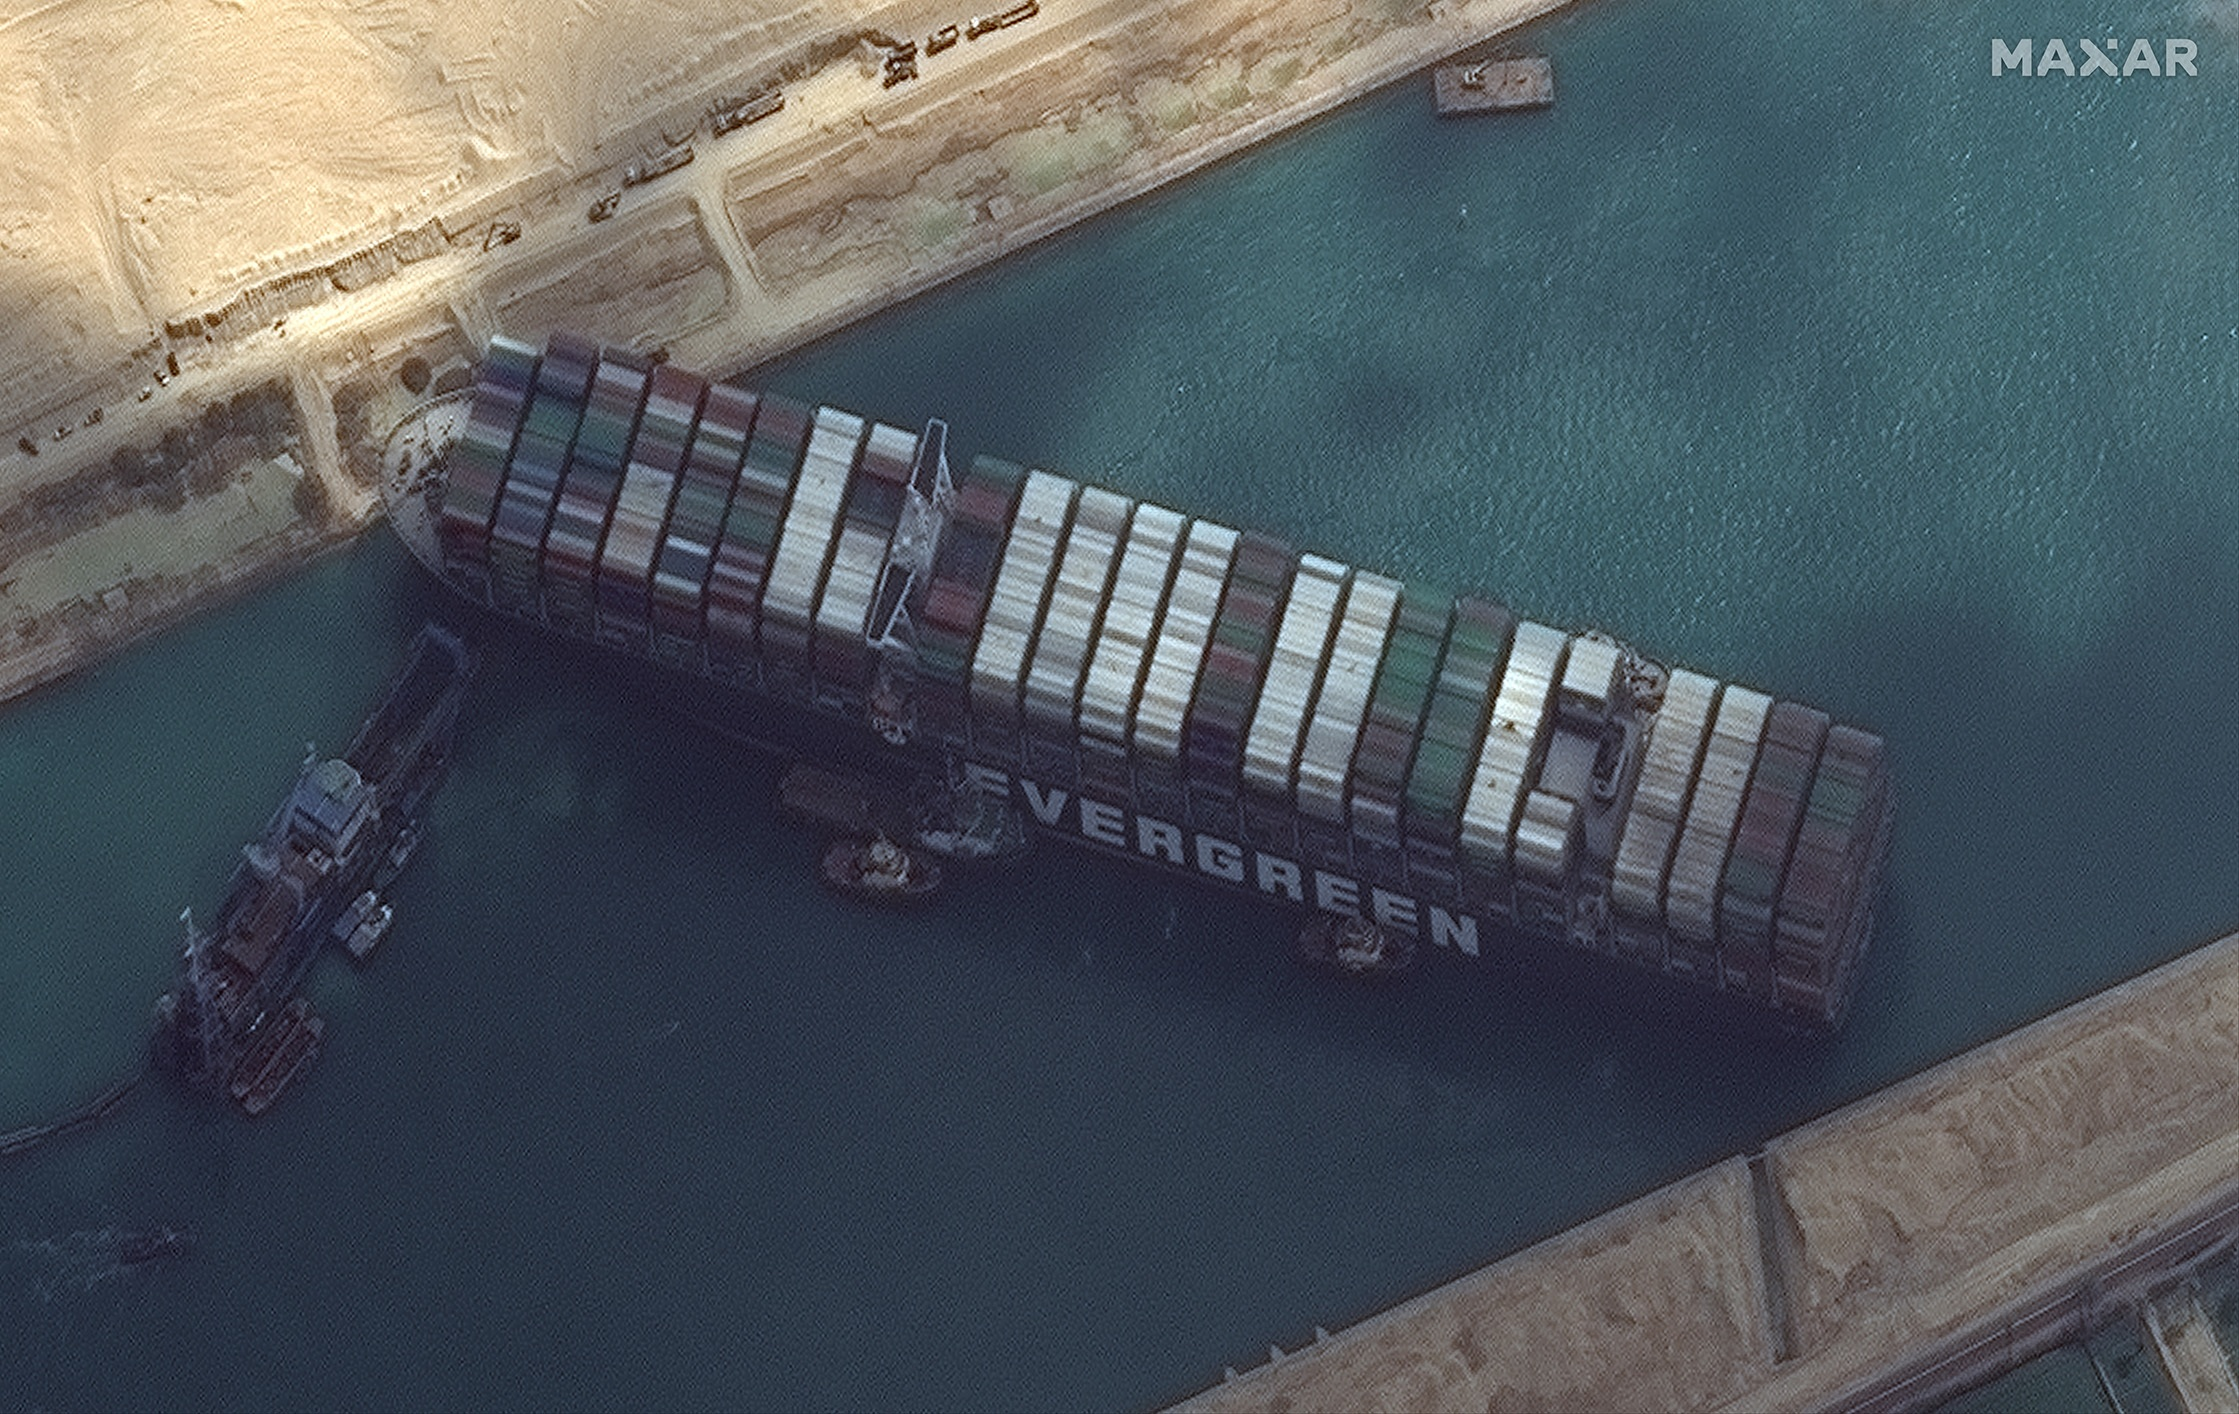 La nave Ever Given fotografata dal satellite WorldView 2 di Maxar Technologies. Credits: Maxar Technologies